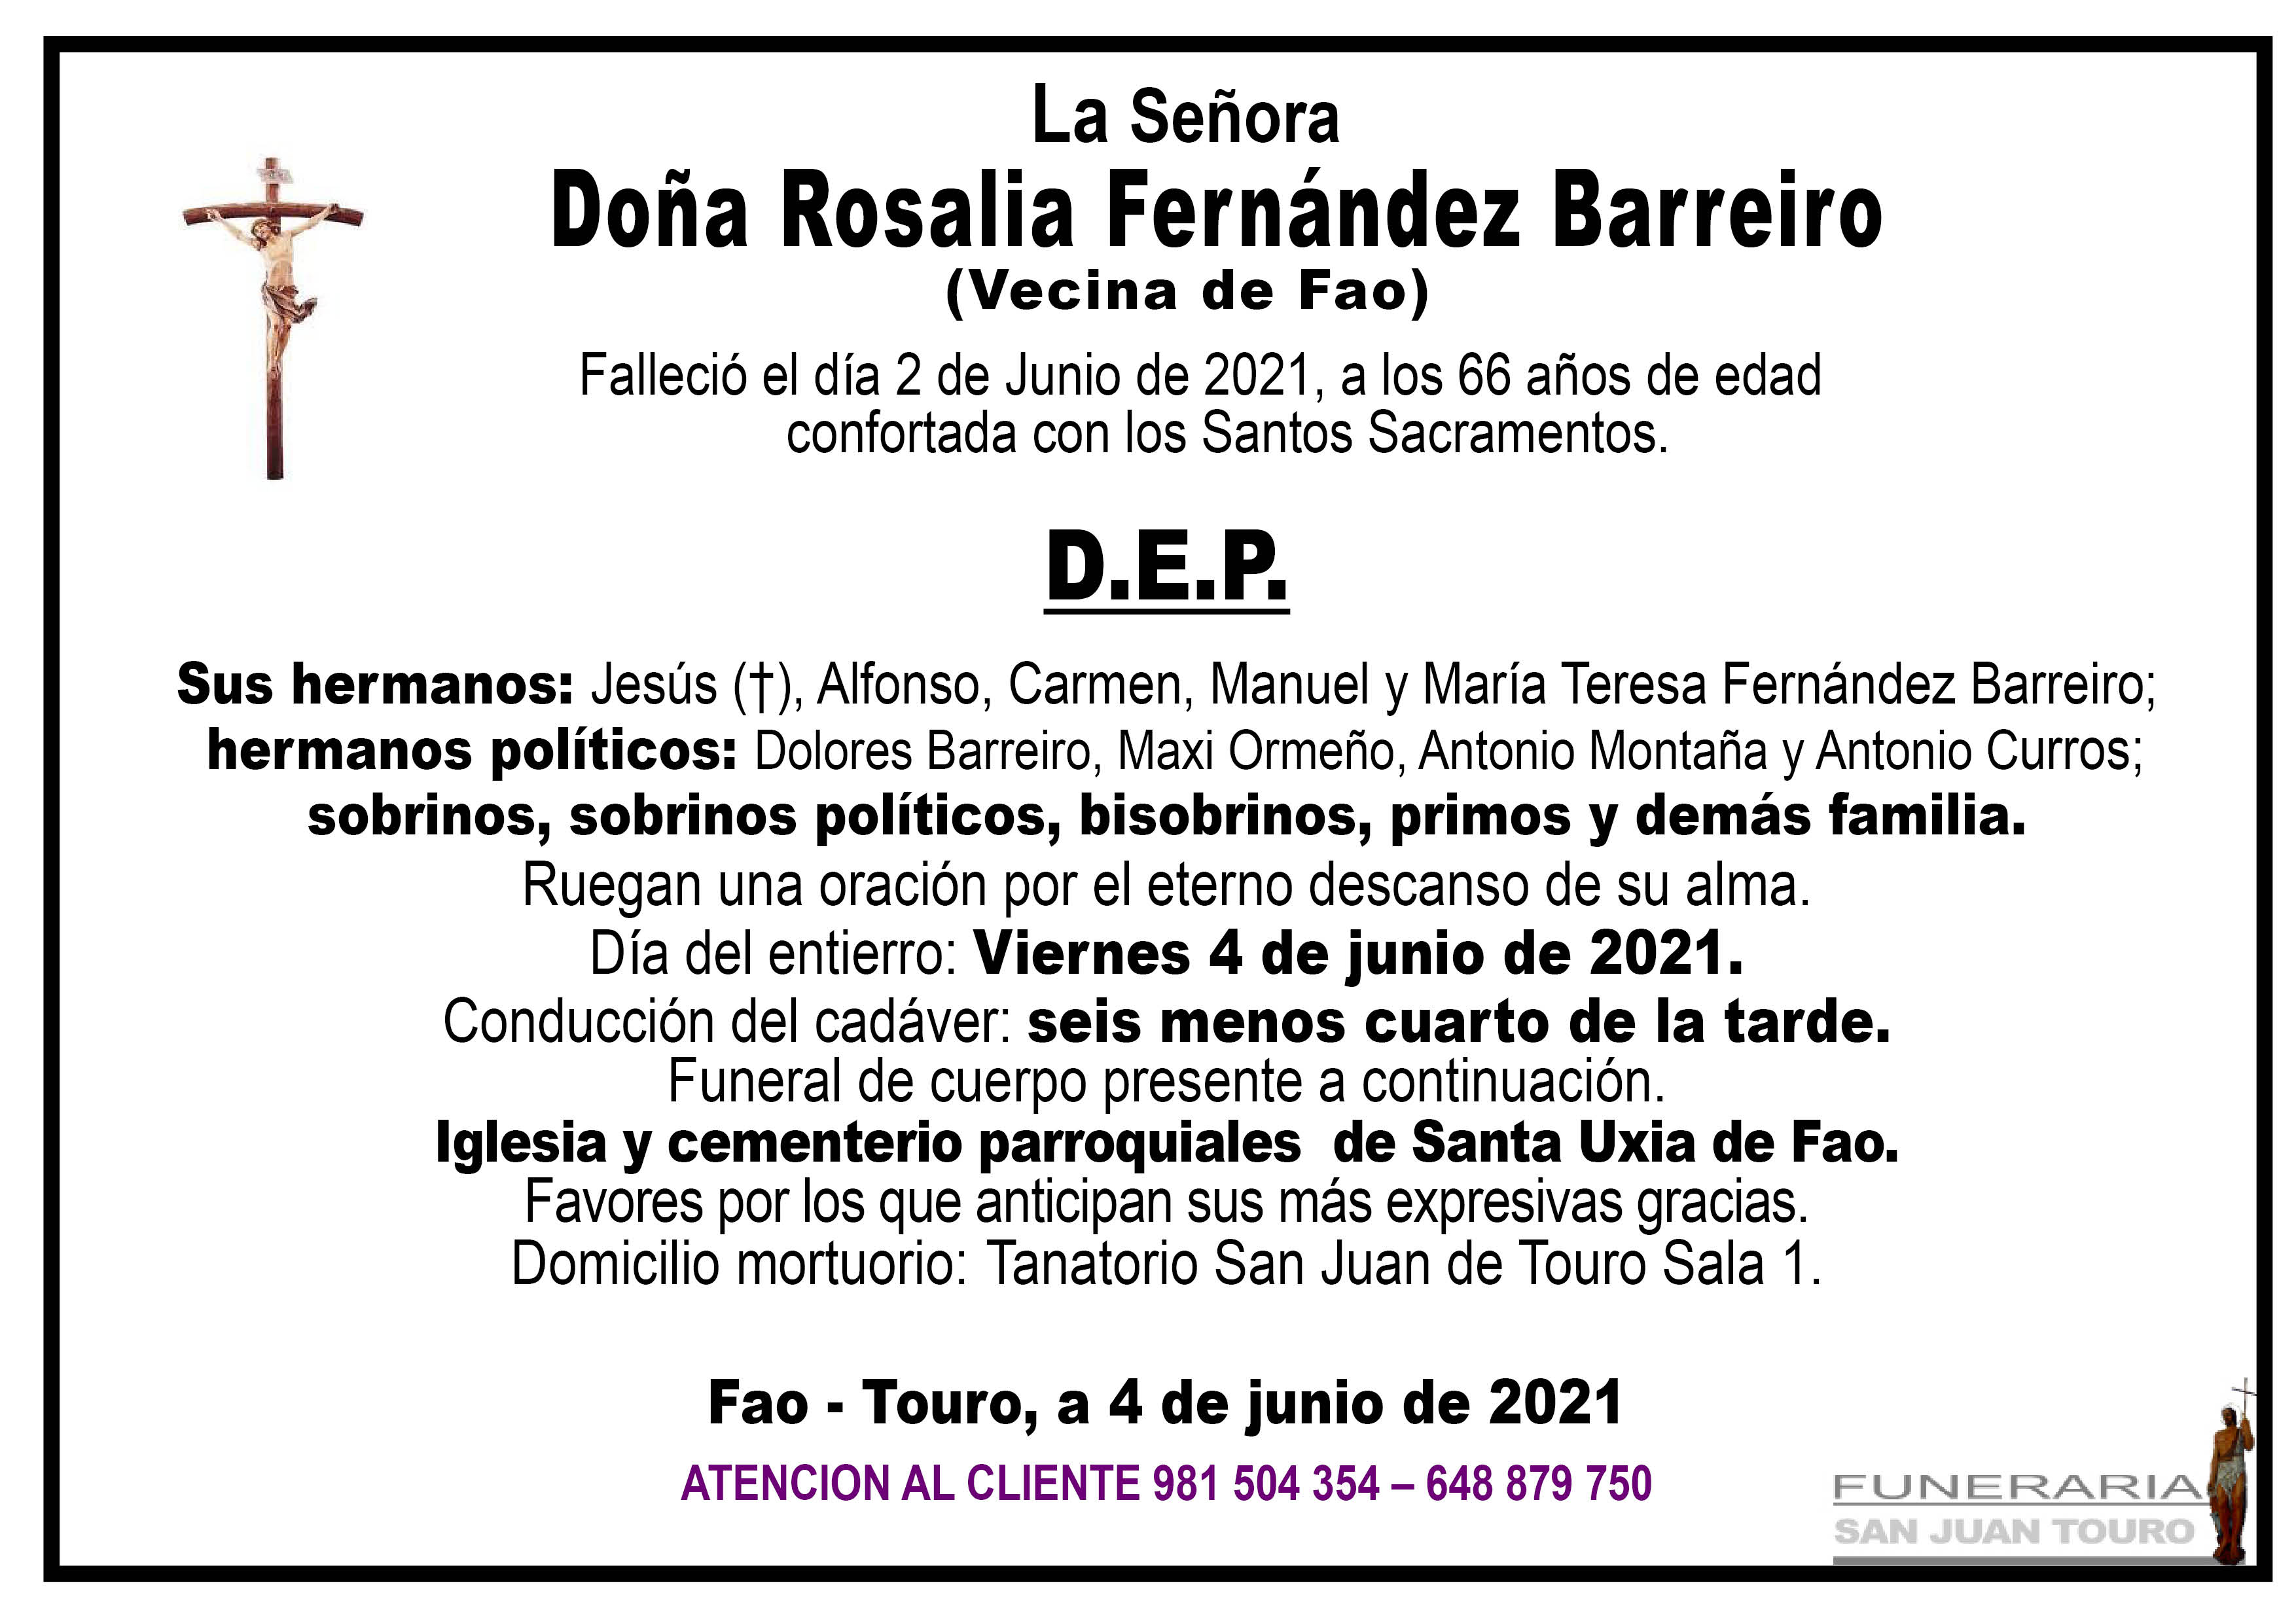 Esquela de SEPELIO DE DOÑA ROSALIA FERNÁNDEZ BARREIRO